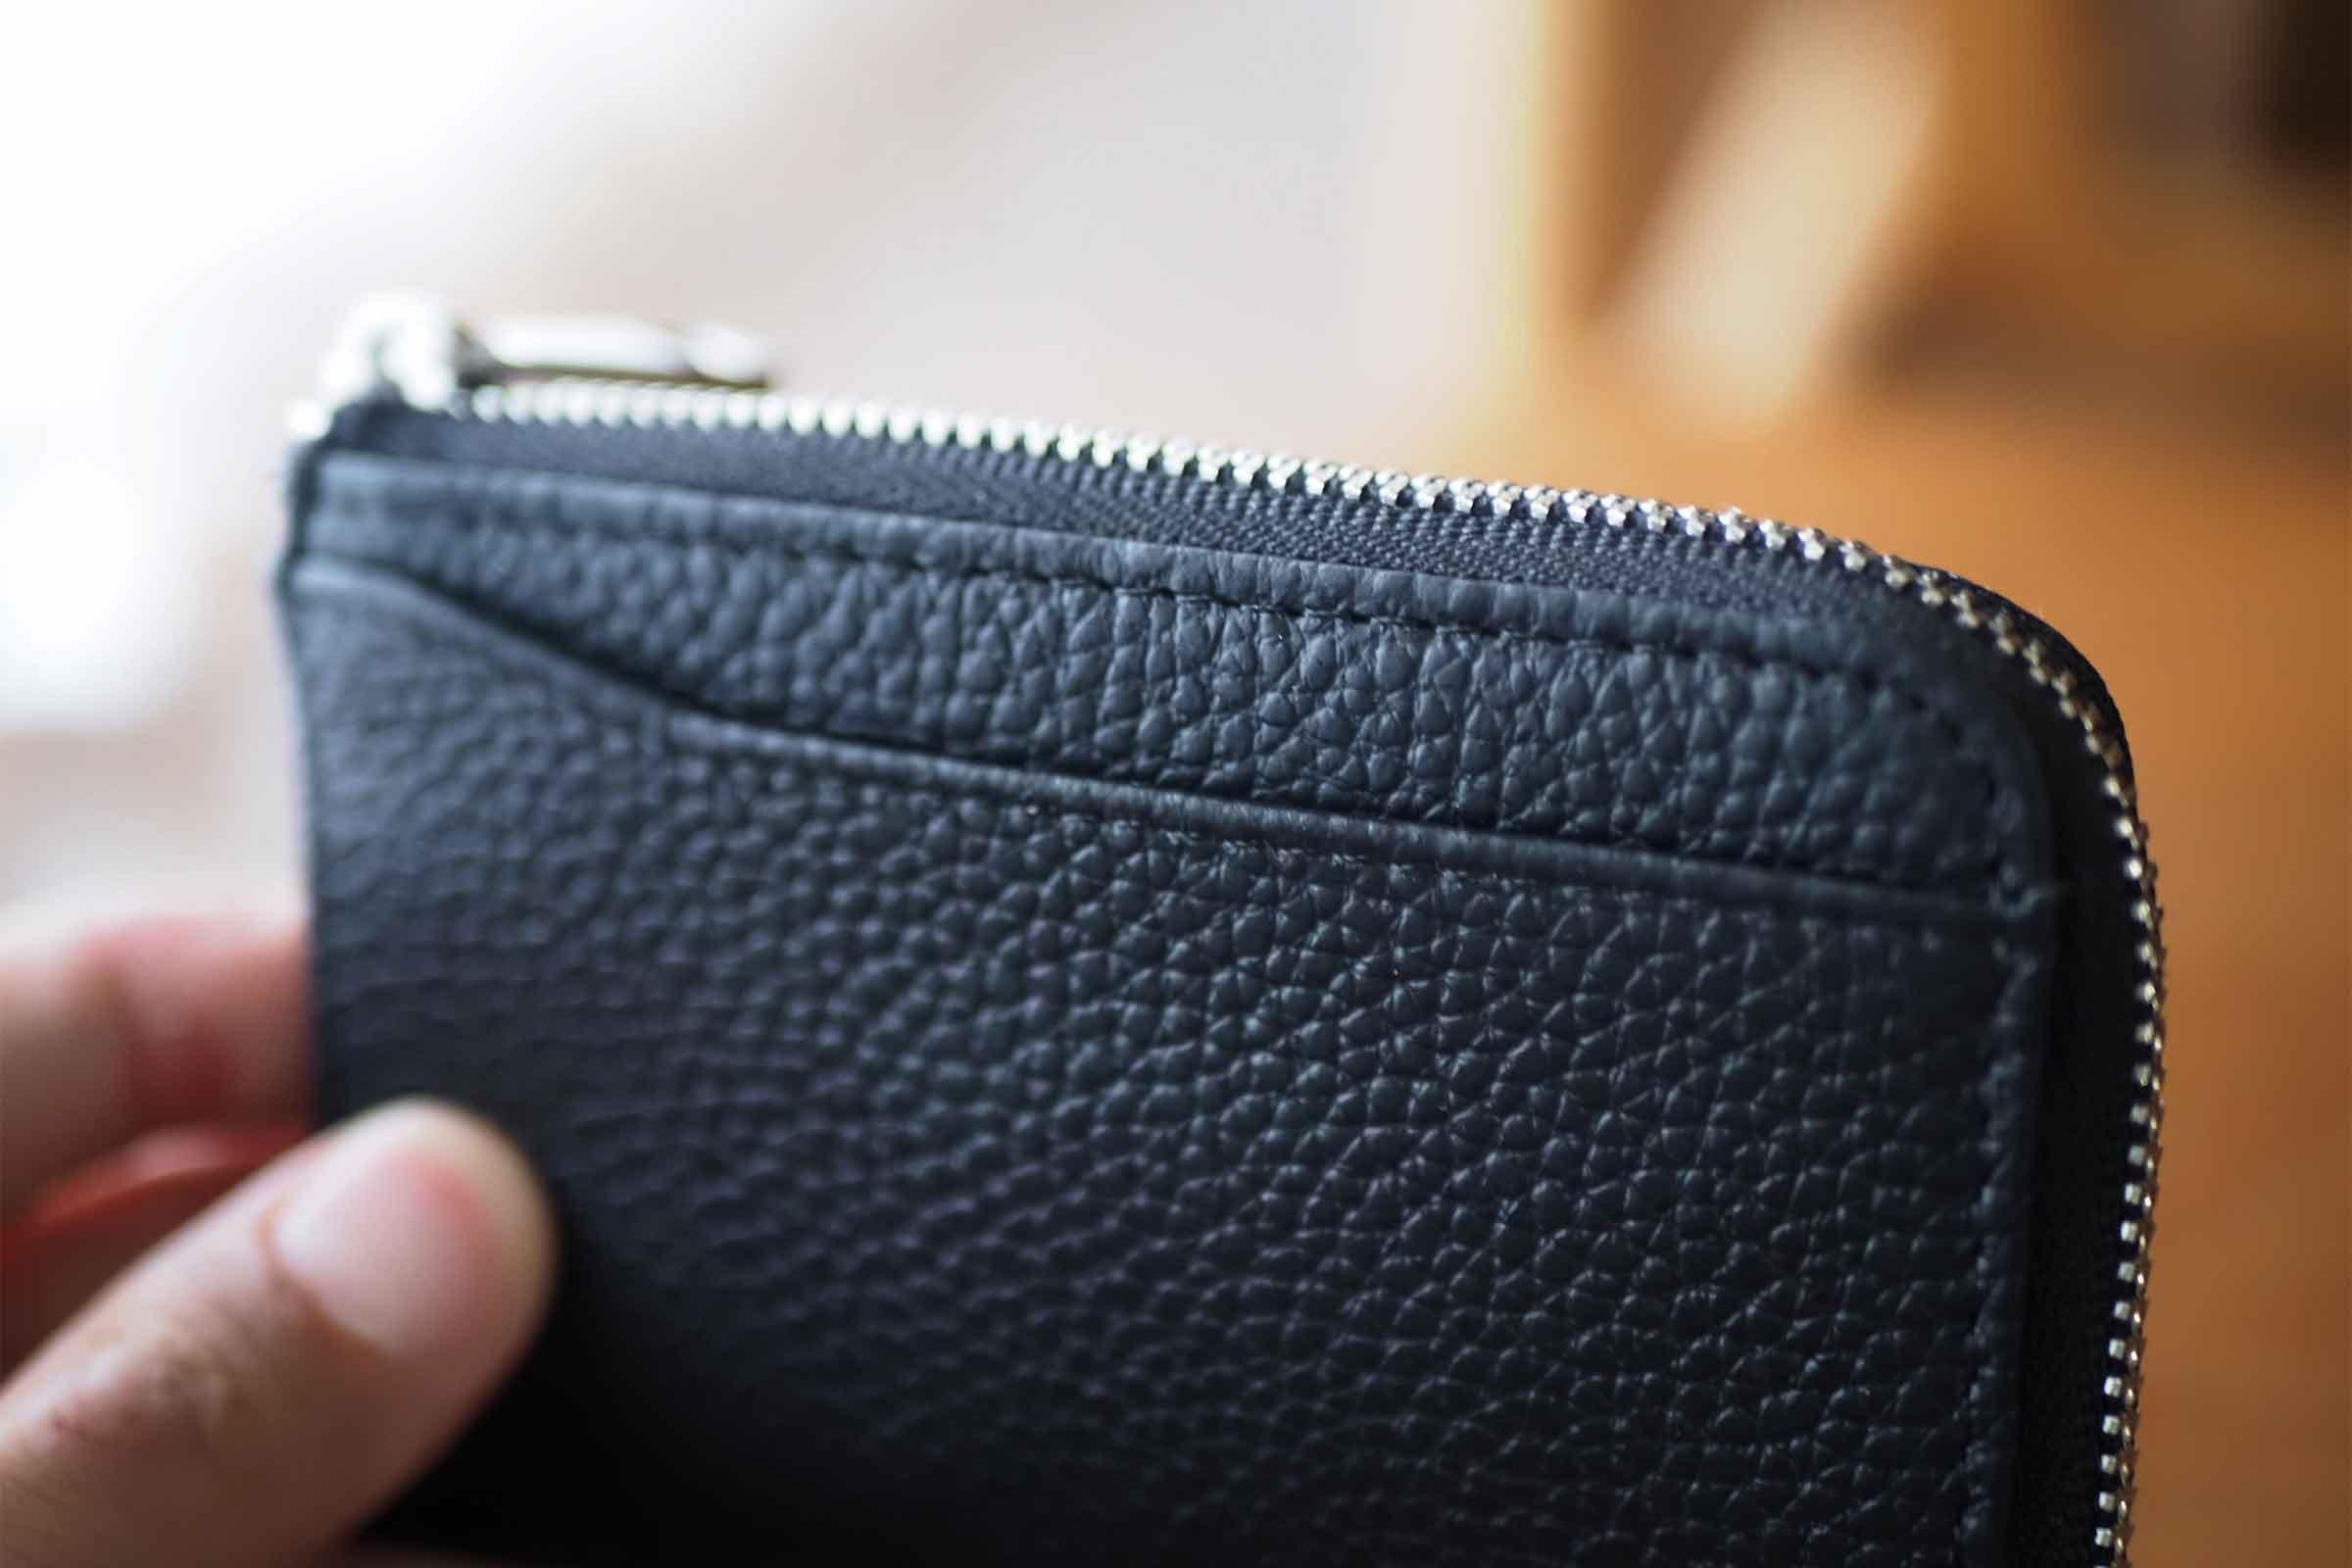 ミニ財布,リスキーモデル,risky,コンパクト,小さい,安い,コスパ,磁気